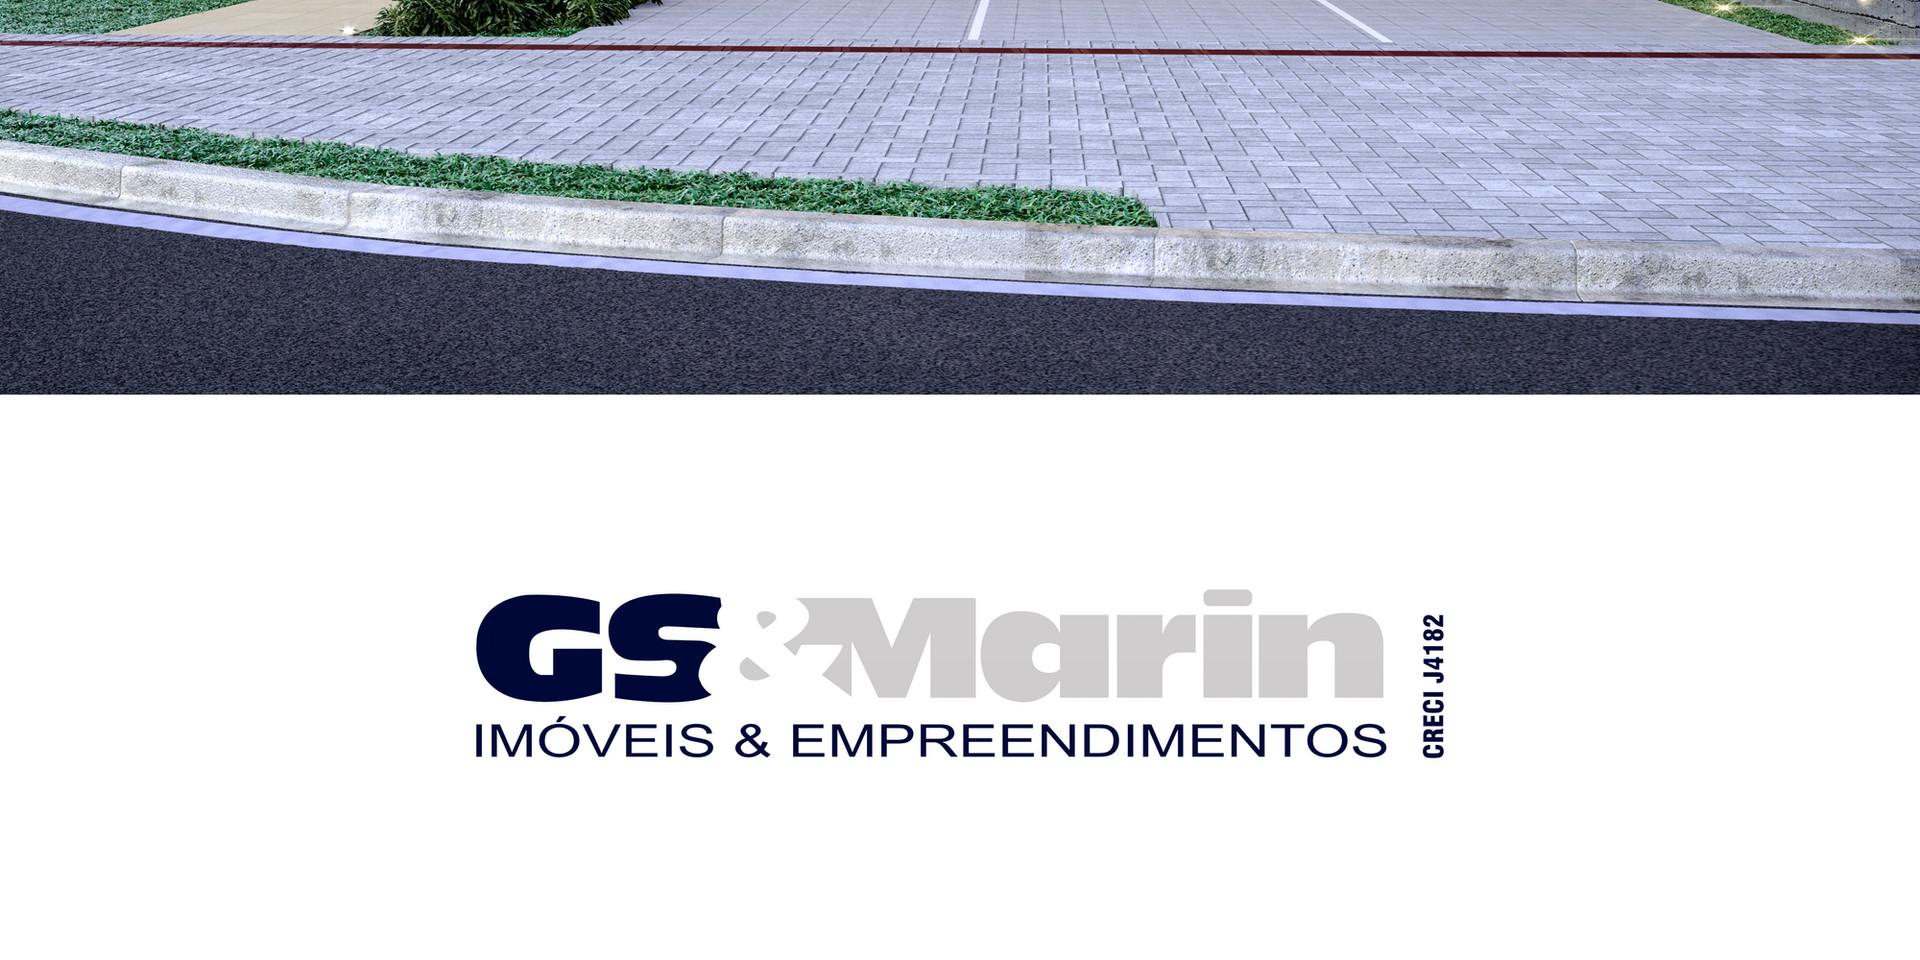 grid_portifolio_GS_MARIN_02.jpg